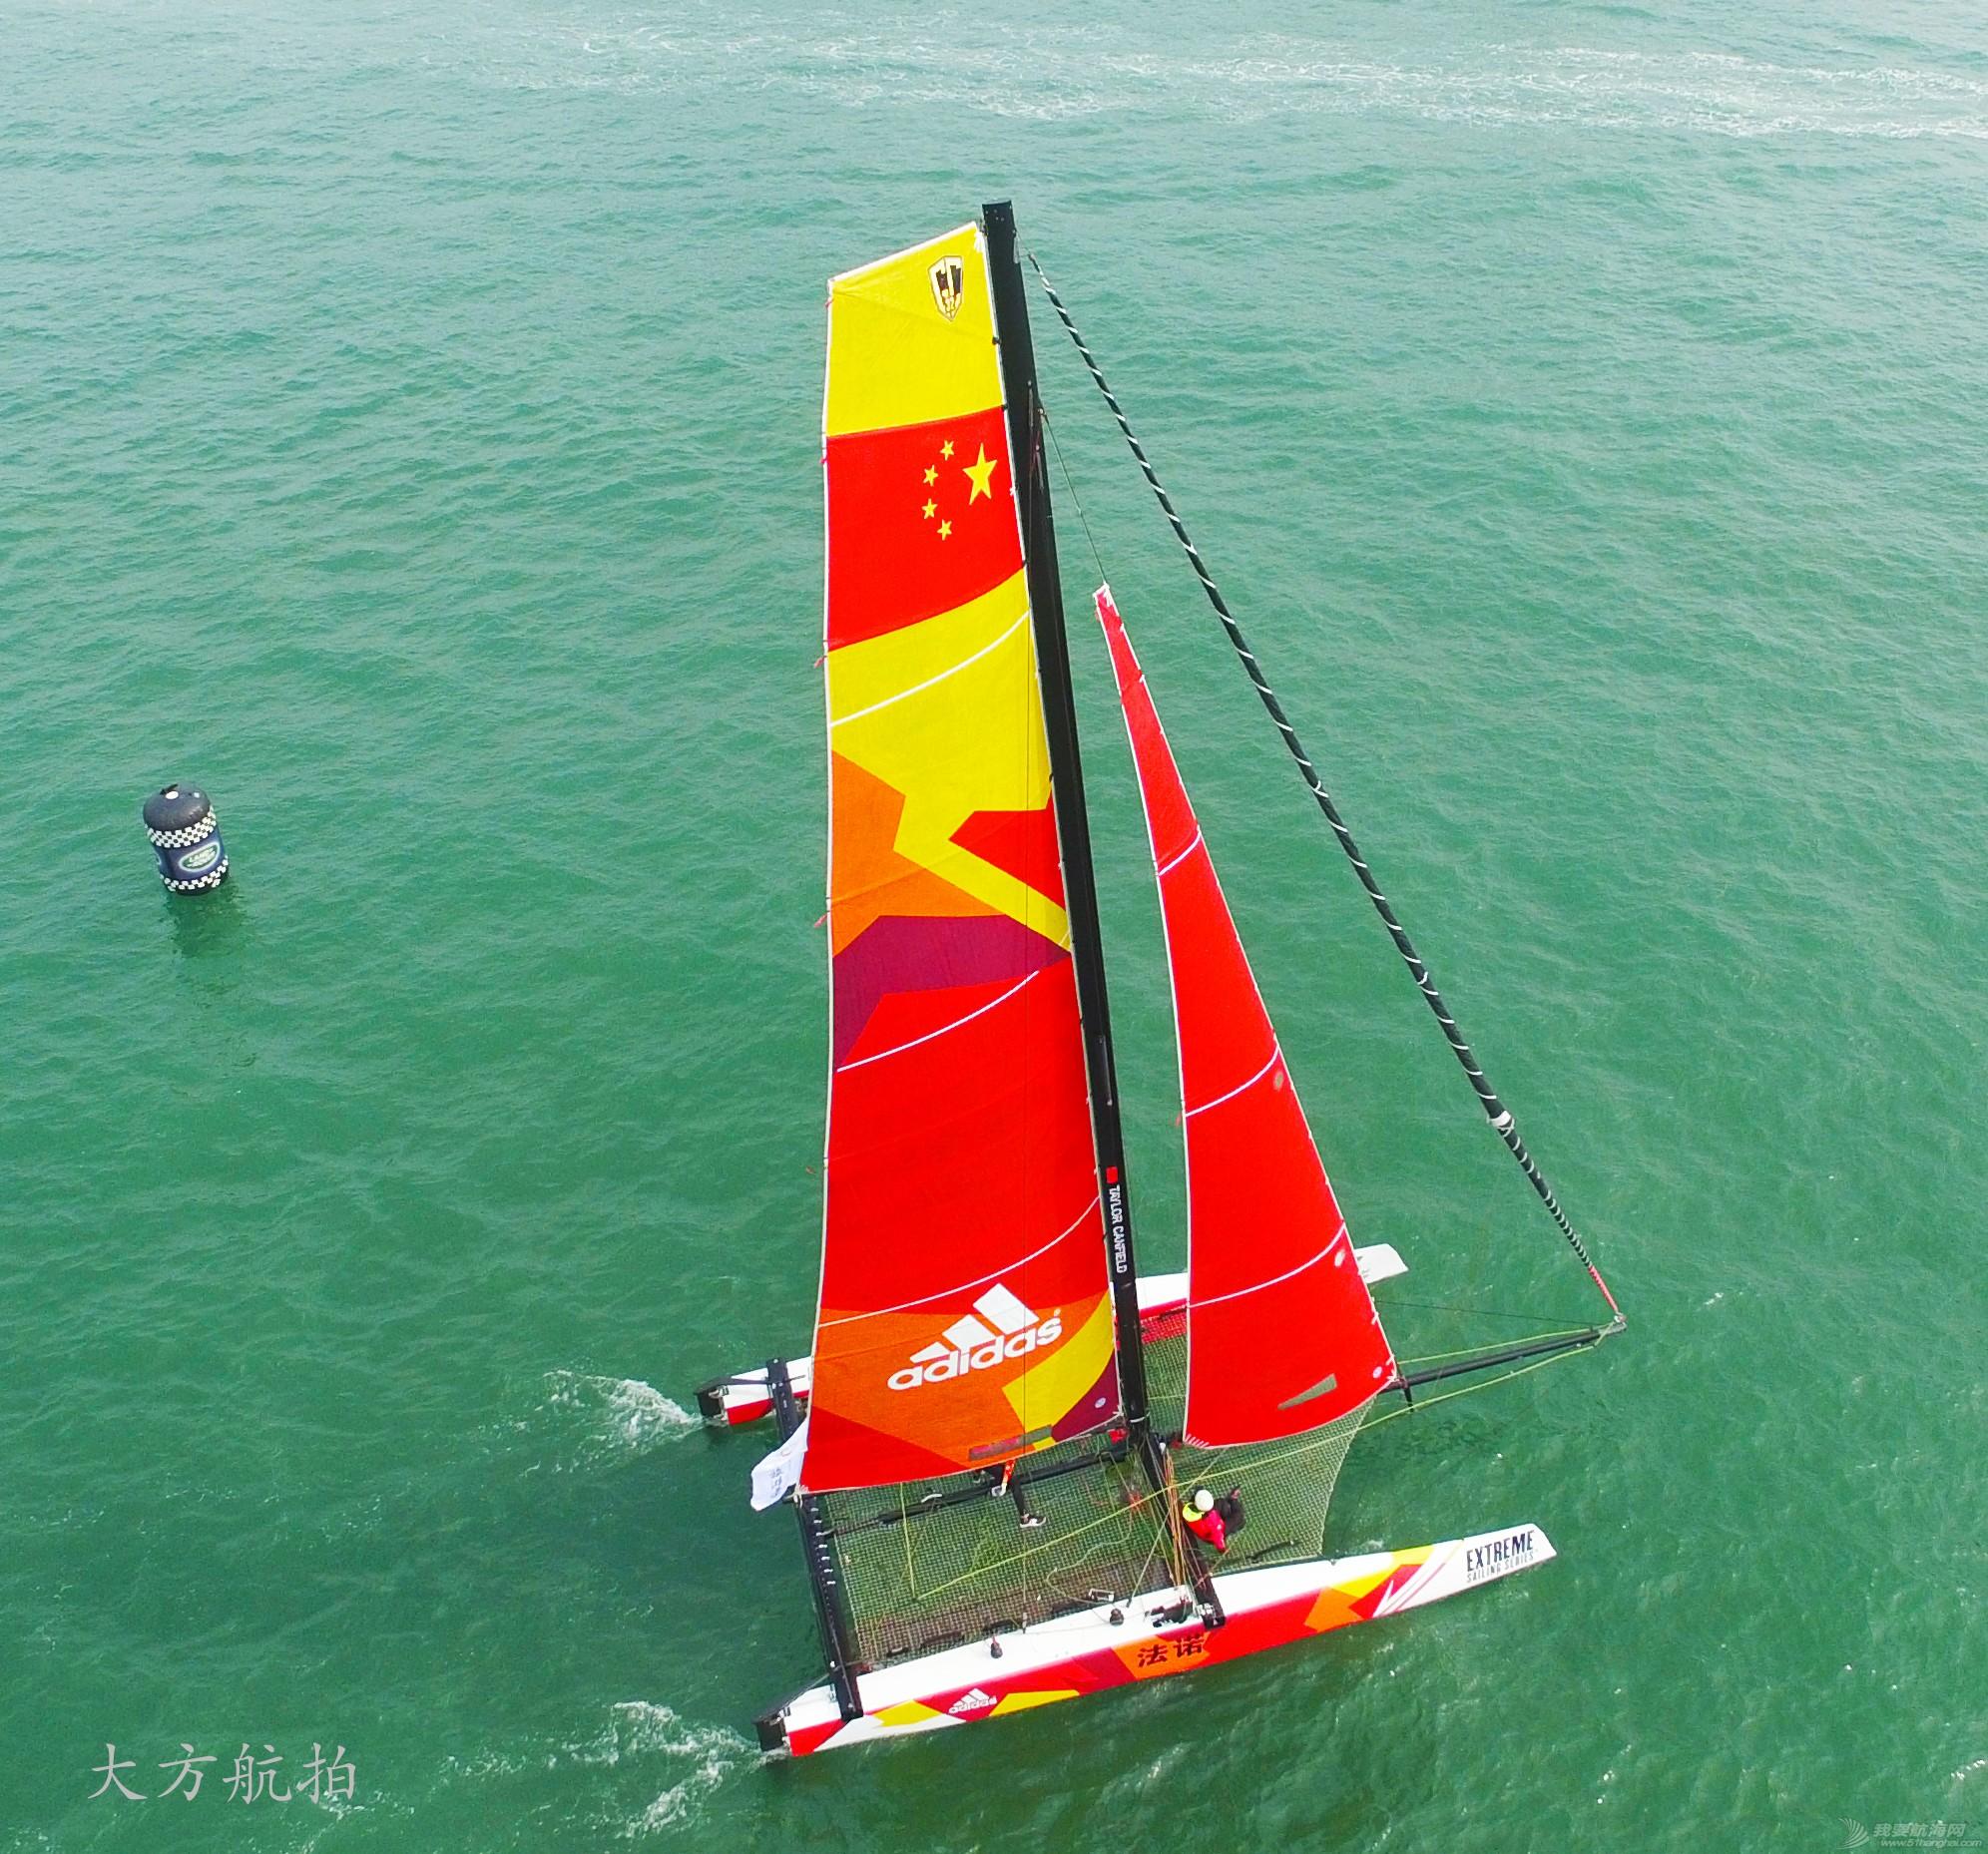 系列赛,青岛,帆船,国际,极限 2016国际极限帆船系列赛青岛站--大方航拍 DJI_0297.JPG